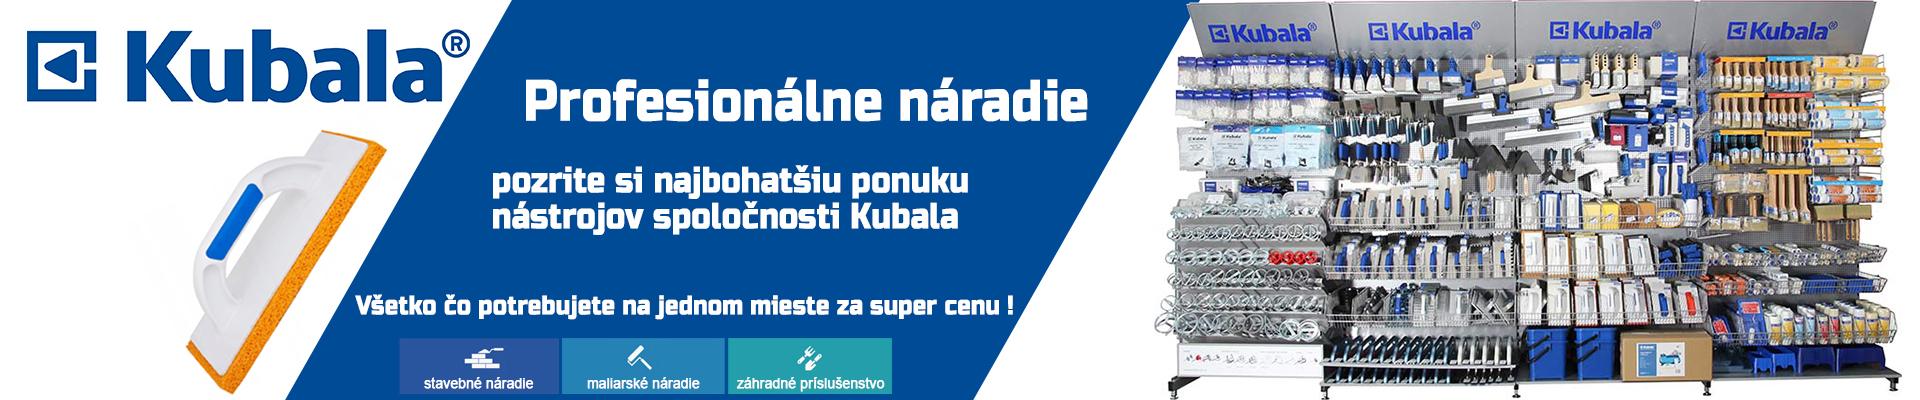 kubala_banner